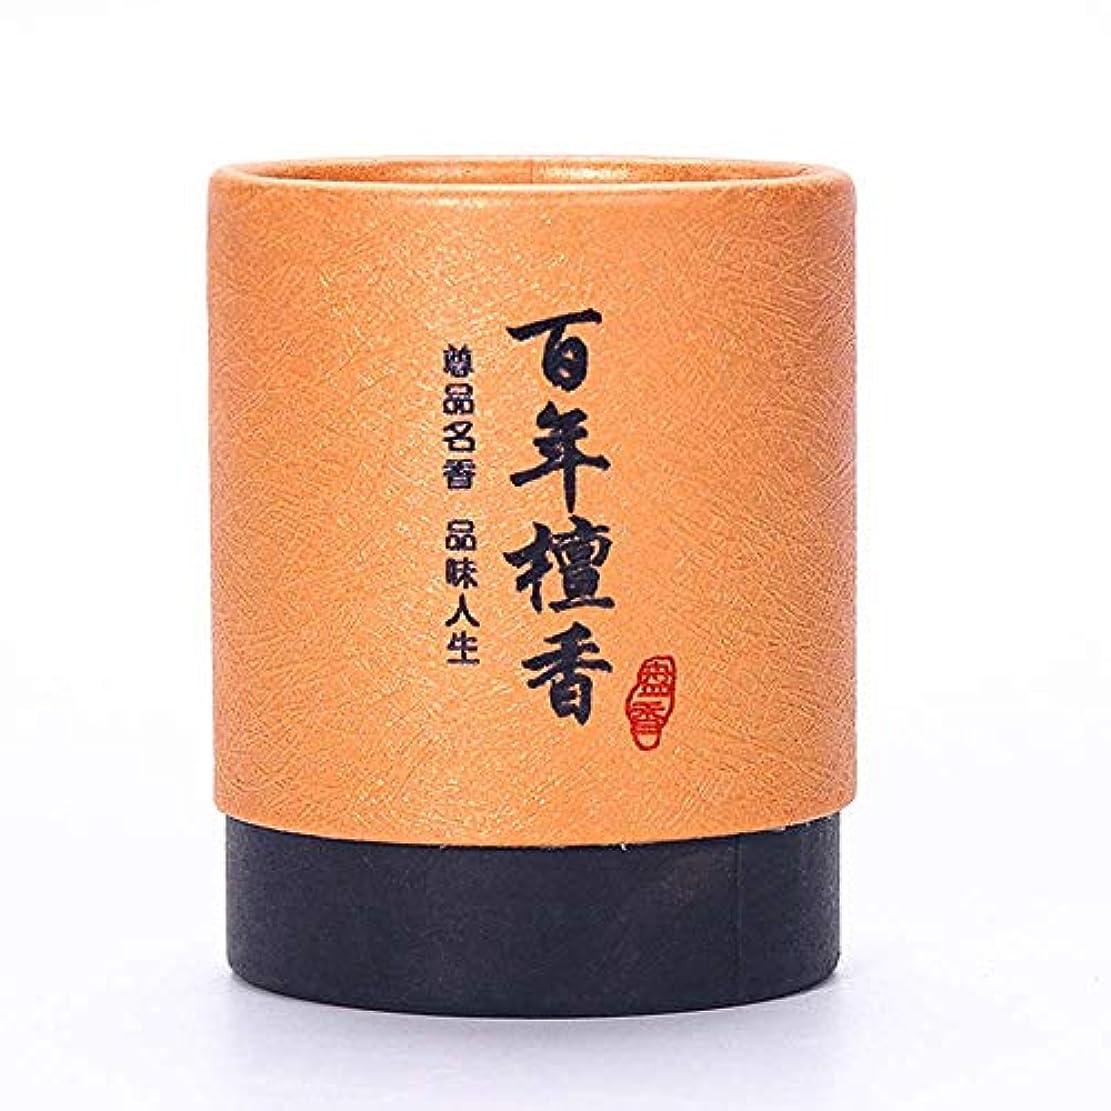 海洋の流出どちらもHwaGui お香 2時間 盤香 渦巻き線香 優しい香り 48巻入 (百年檀香)